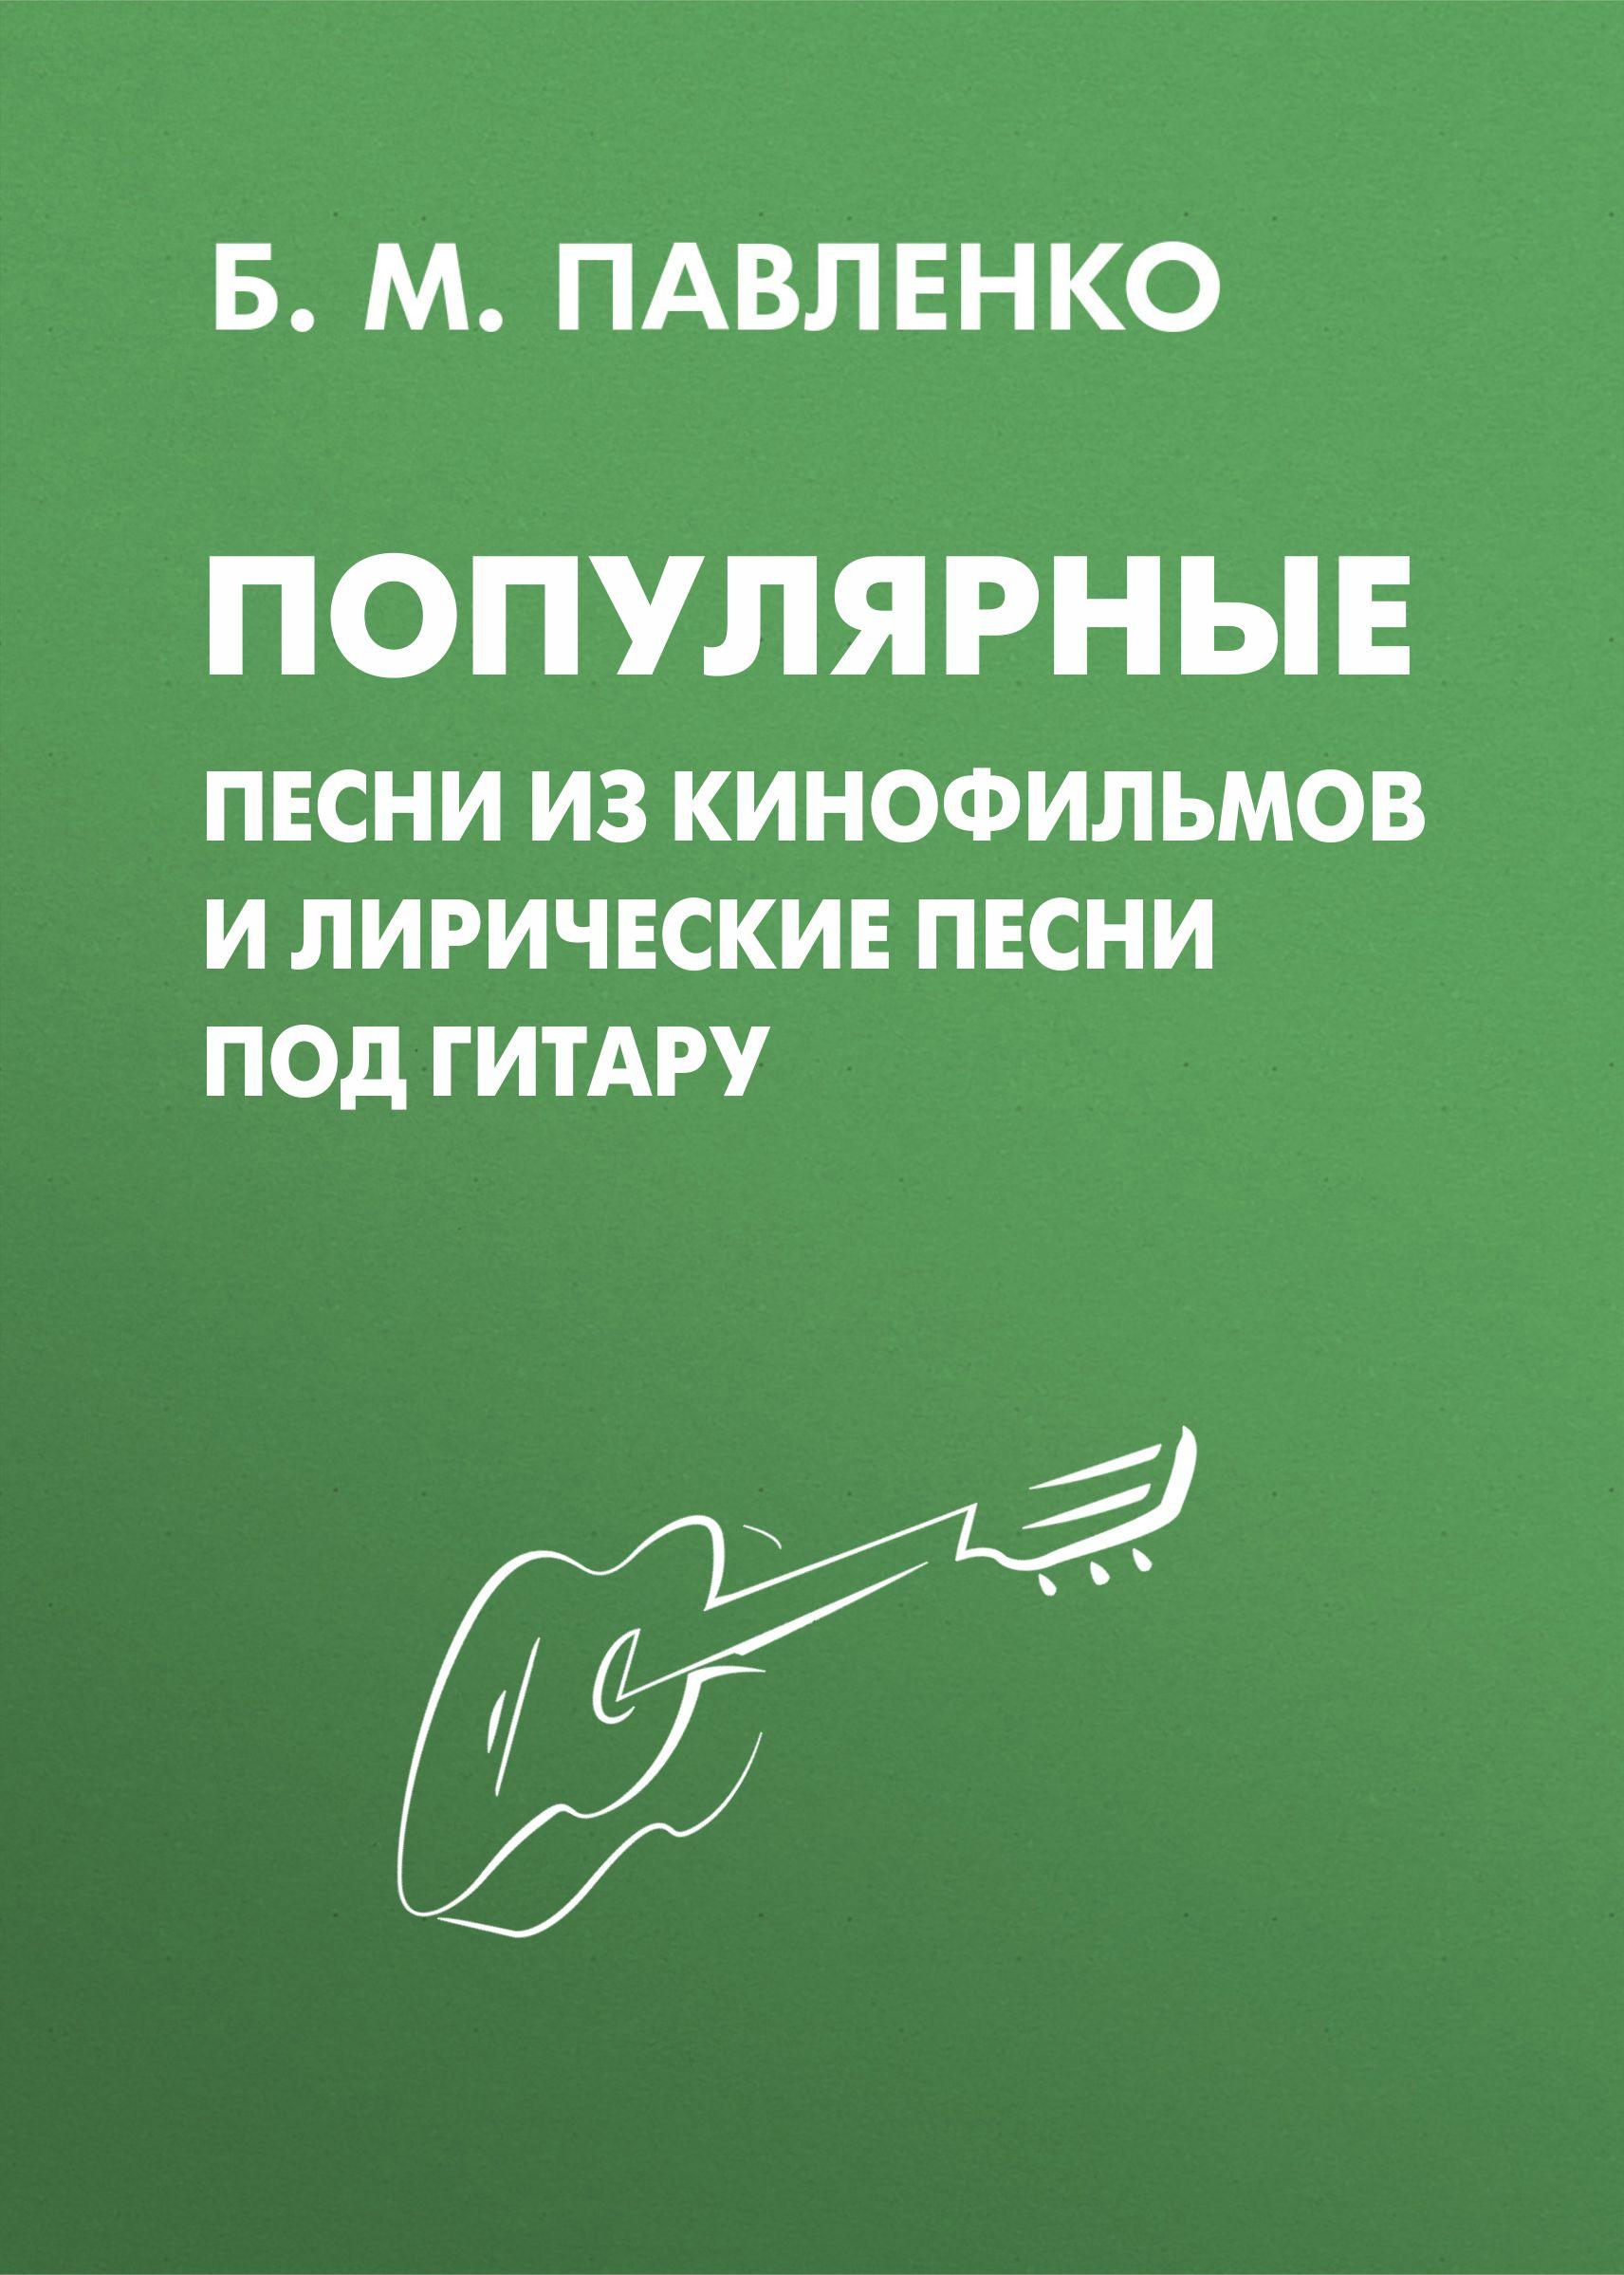 Б. М. Павленко Популярные песни из кинофильмов и лирические песни под гитару цена 2017